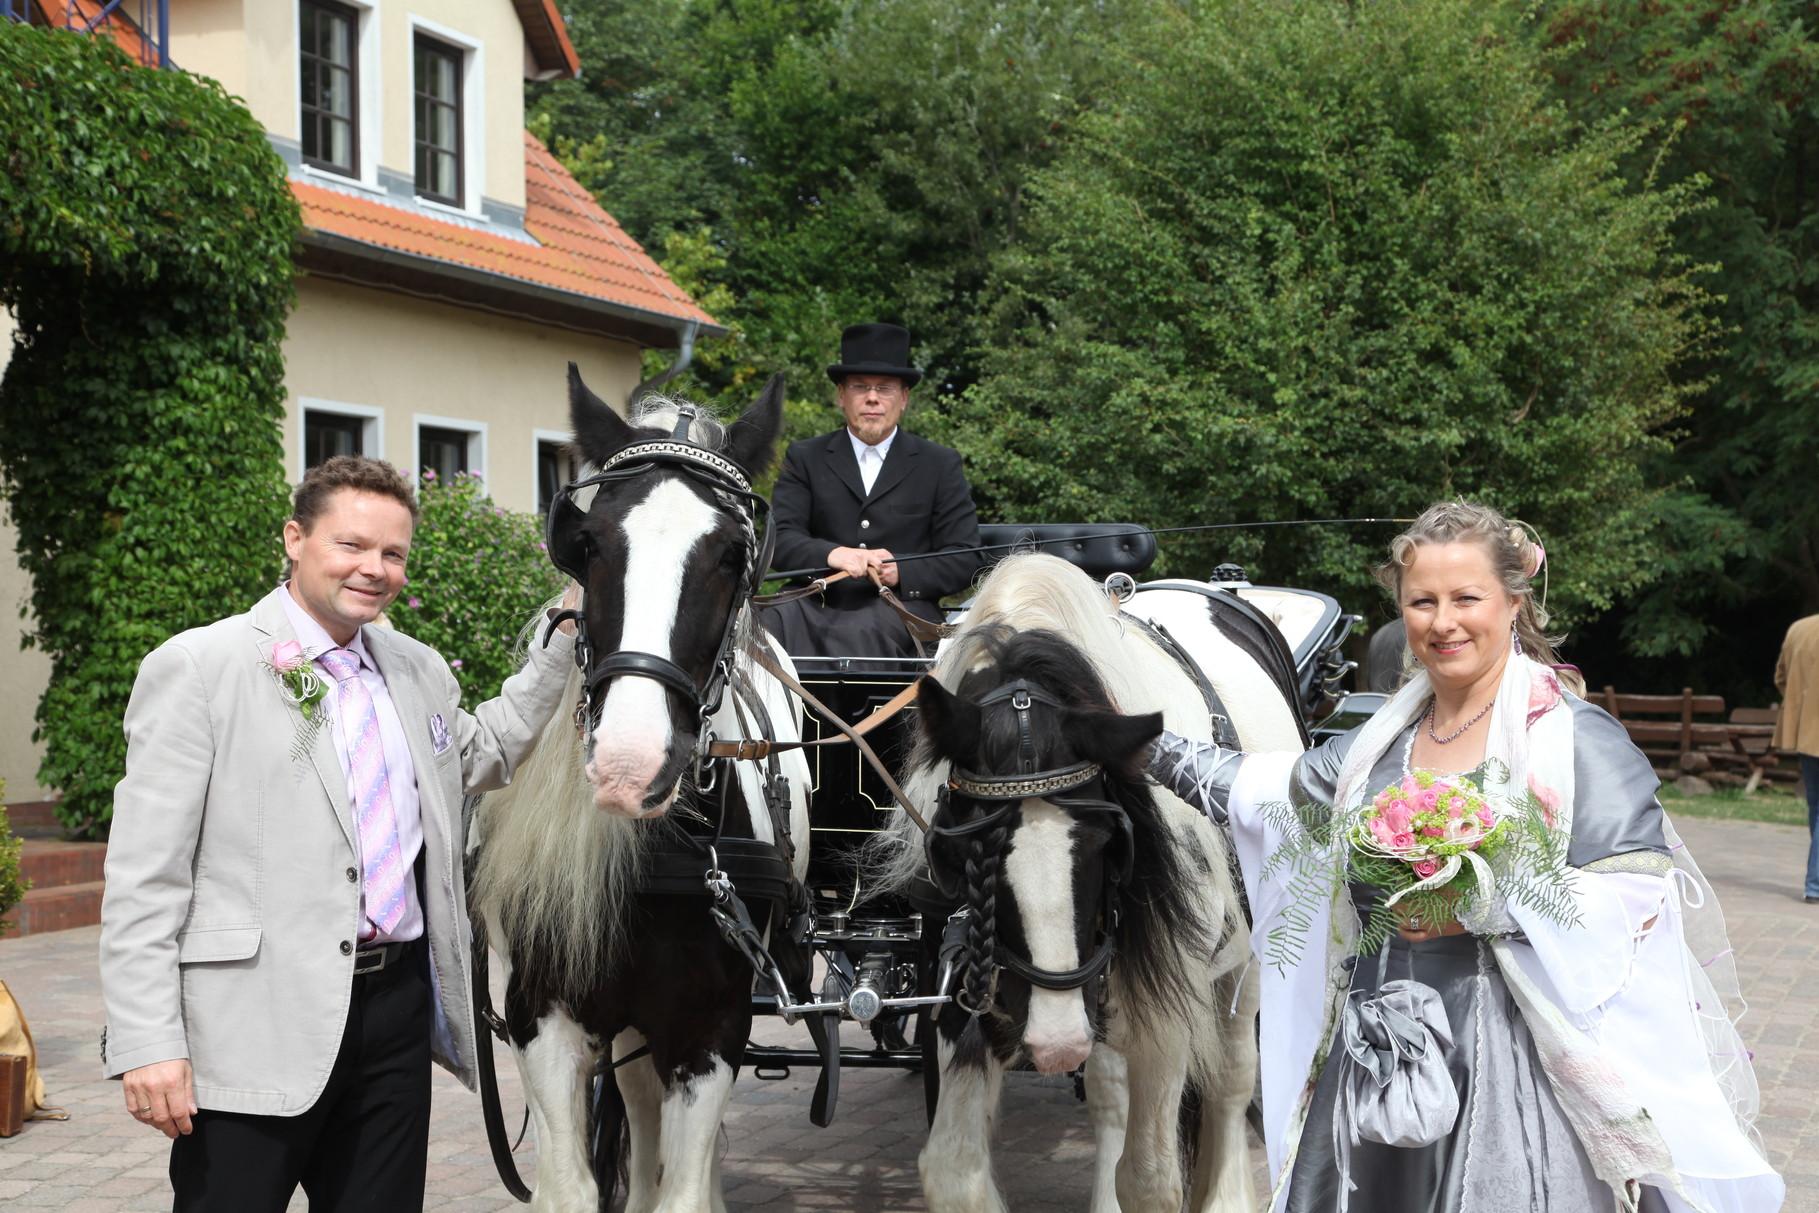 Hochzeitskutsche an der Ostsee /mit freundlicher Genehmigung des Brautpaares